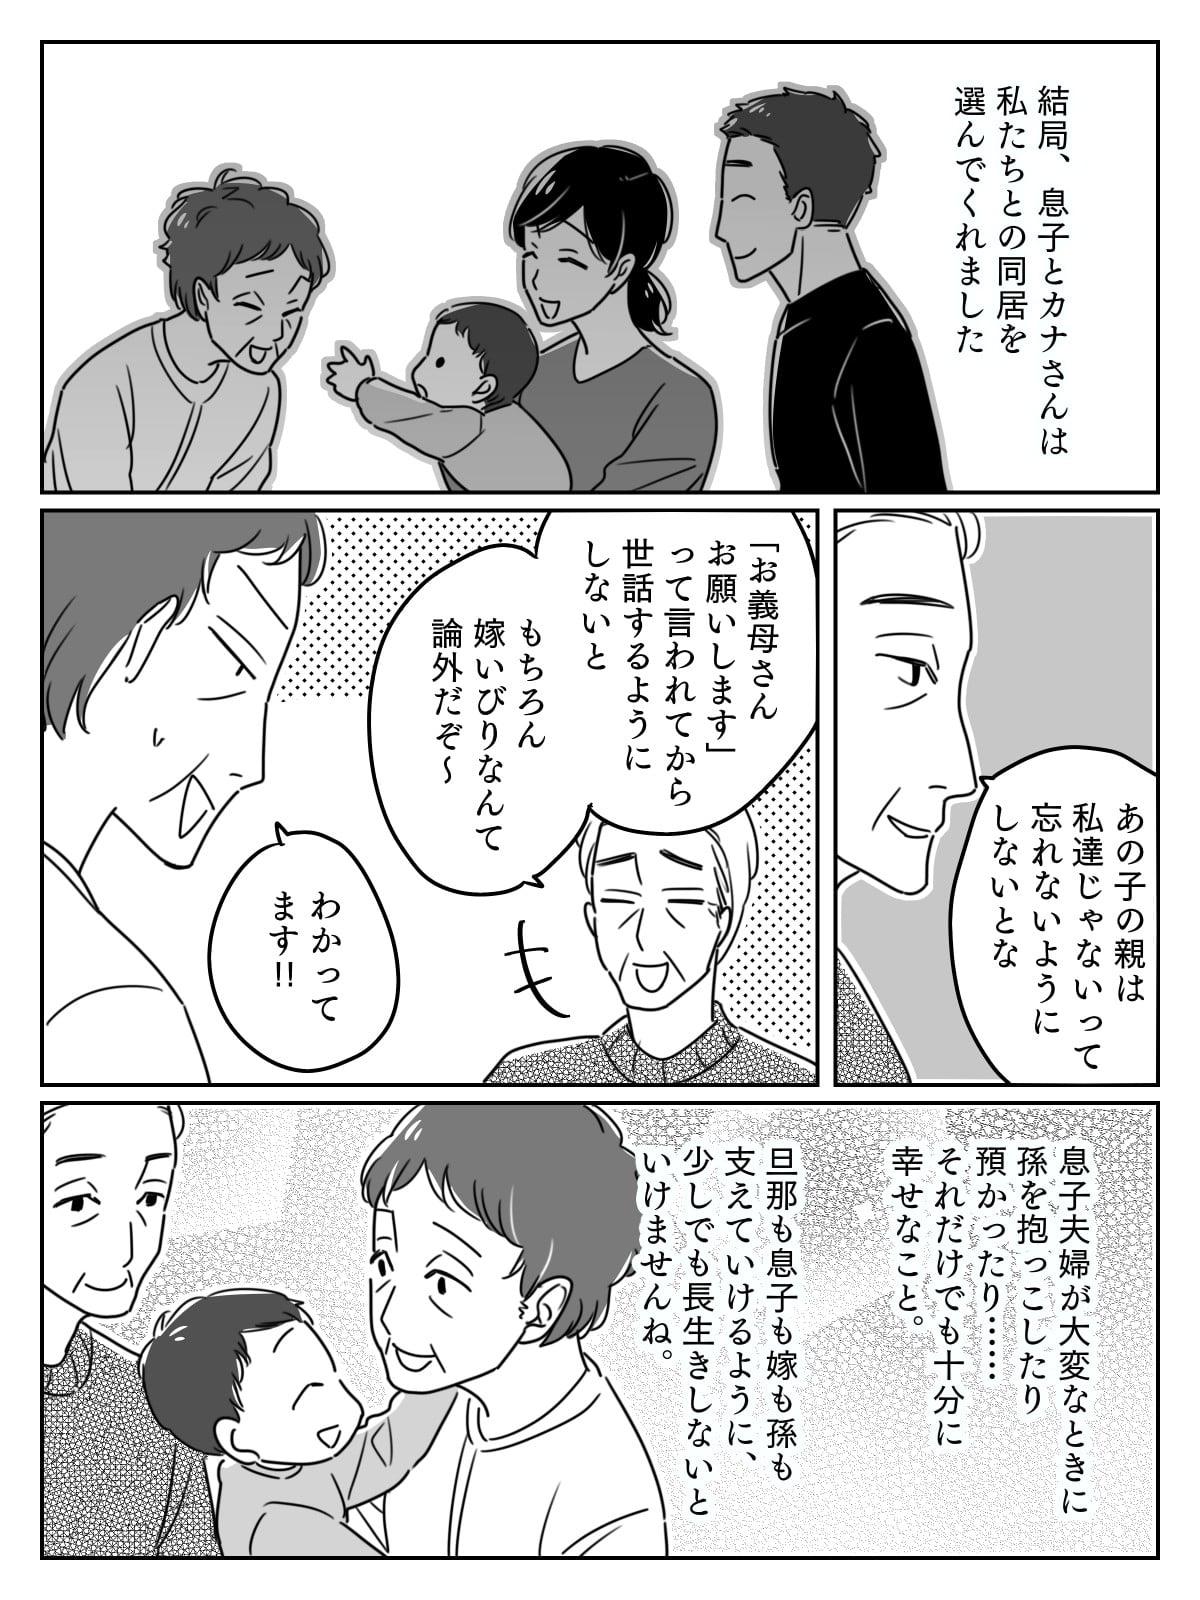 【後編】うつ病で義母に産まれた子どもを預けた息子夫婦。03